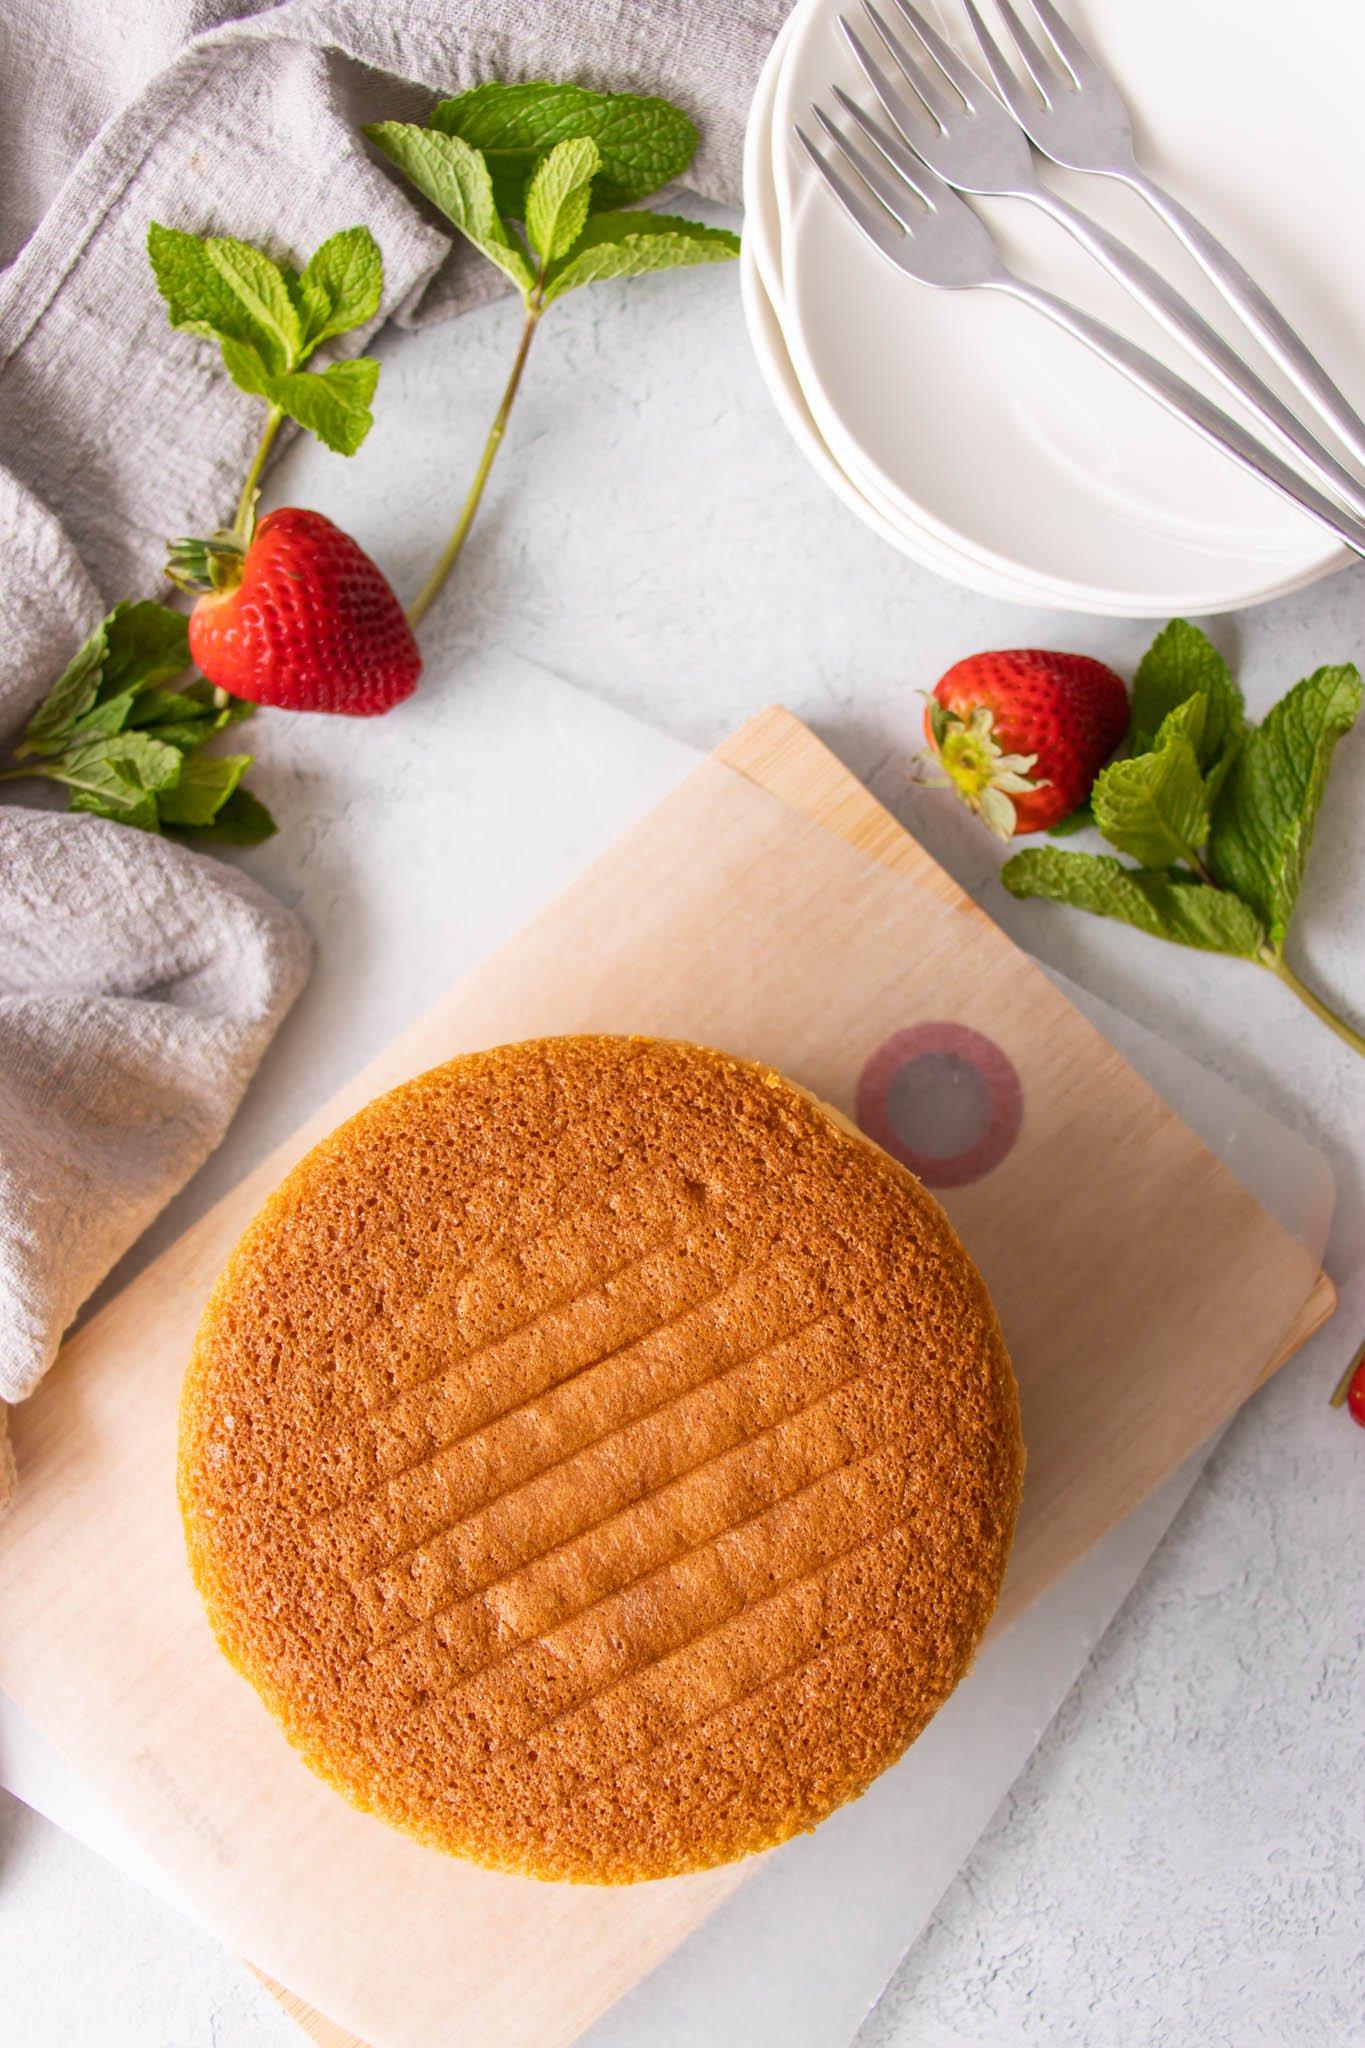 Genoise sponge cake. set on a wooden board